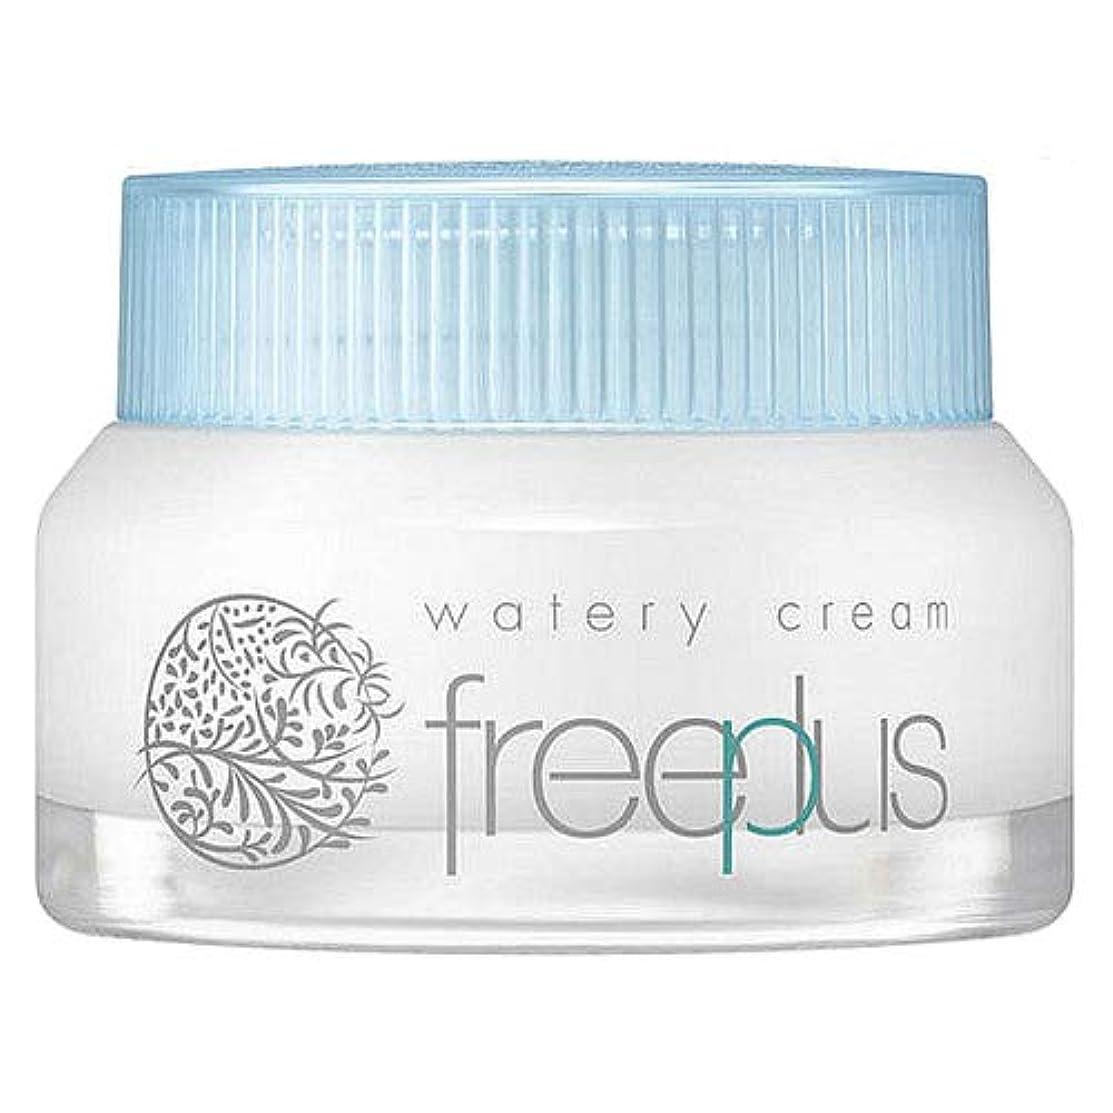 フリープラス FREEPLUS フリープラス ウォータリークリーム 50g [並行輸入品]